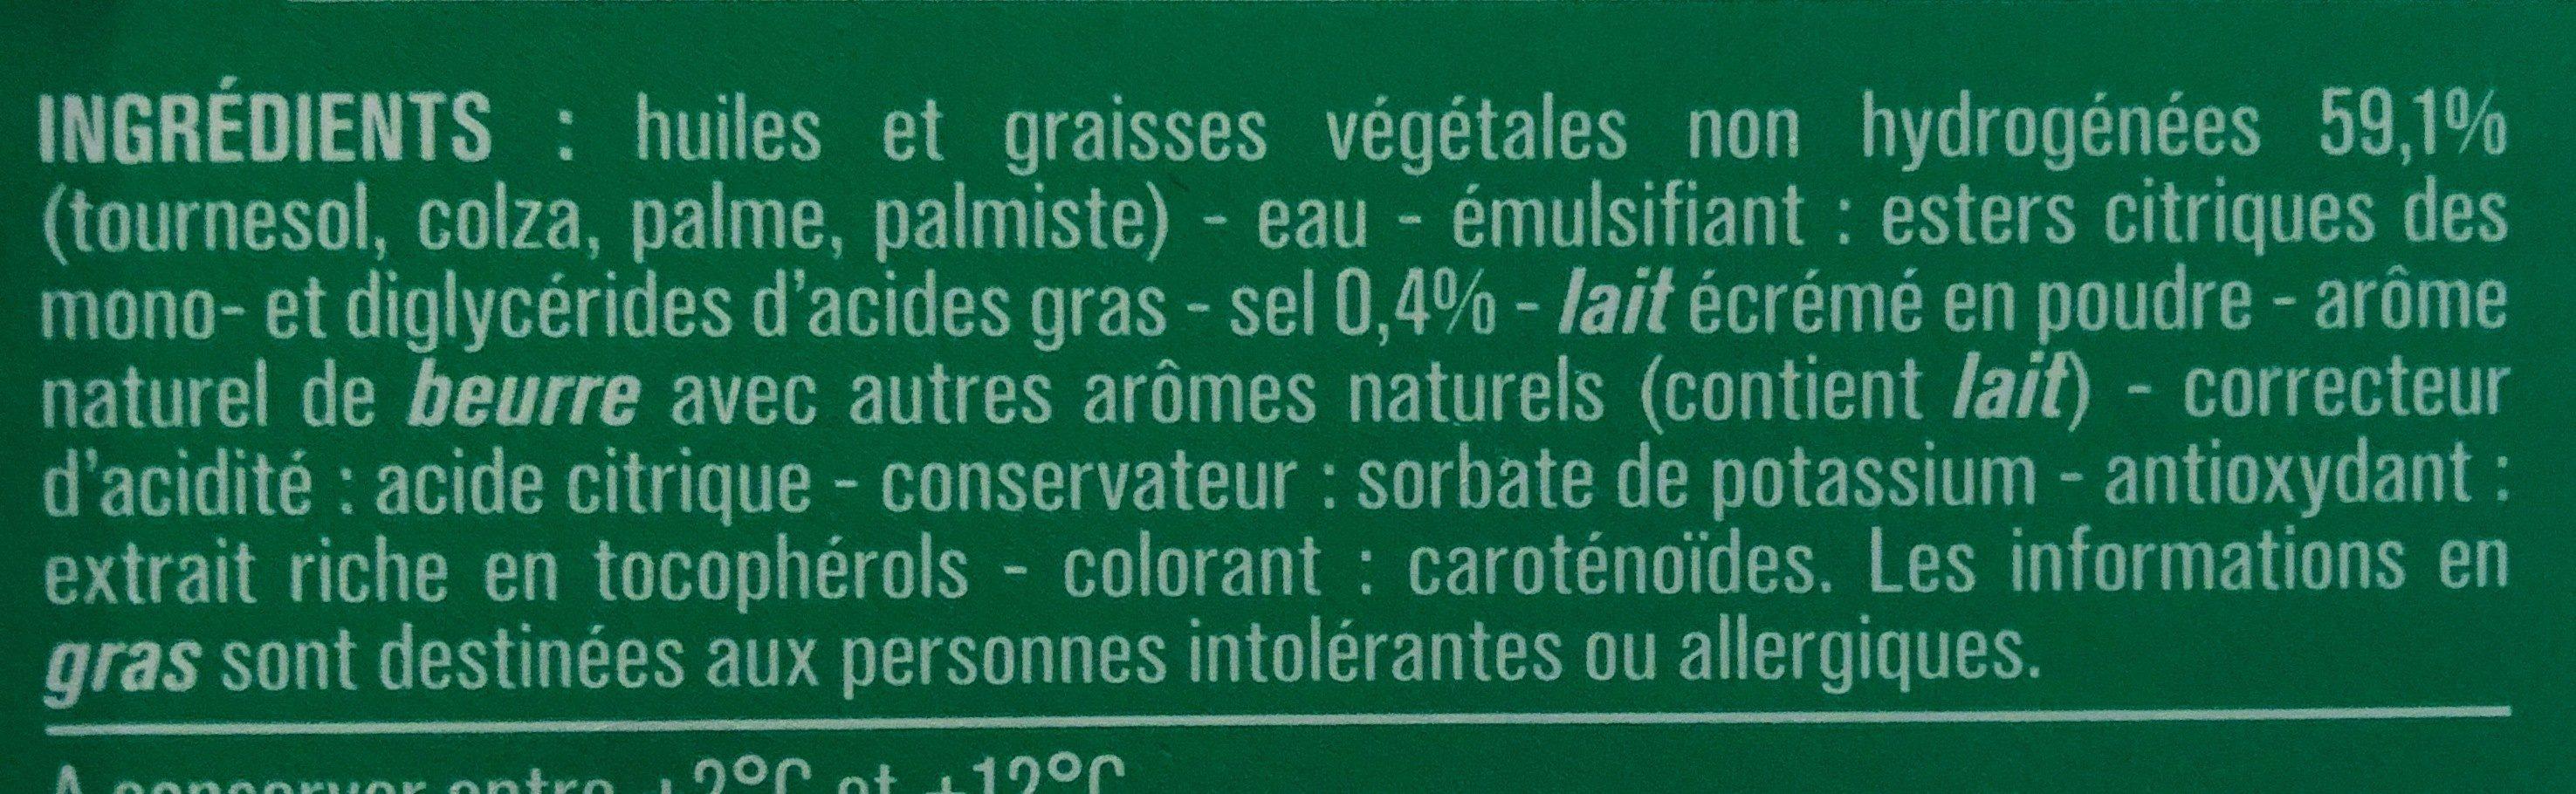 Cuisson et Tartine 60% MG - Ingrediënten - fr